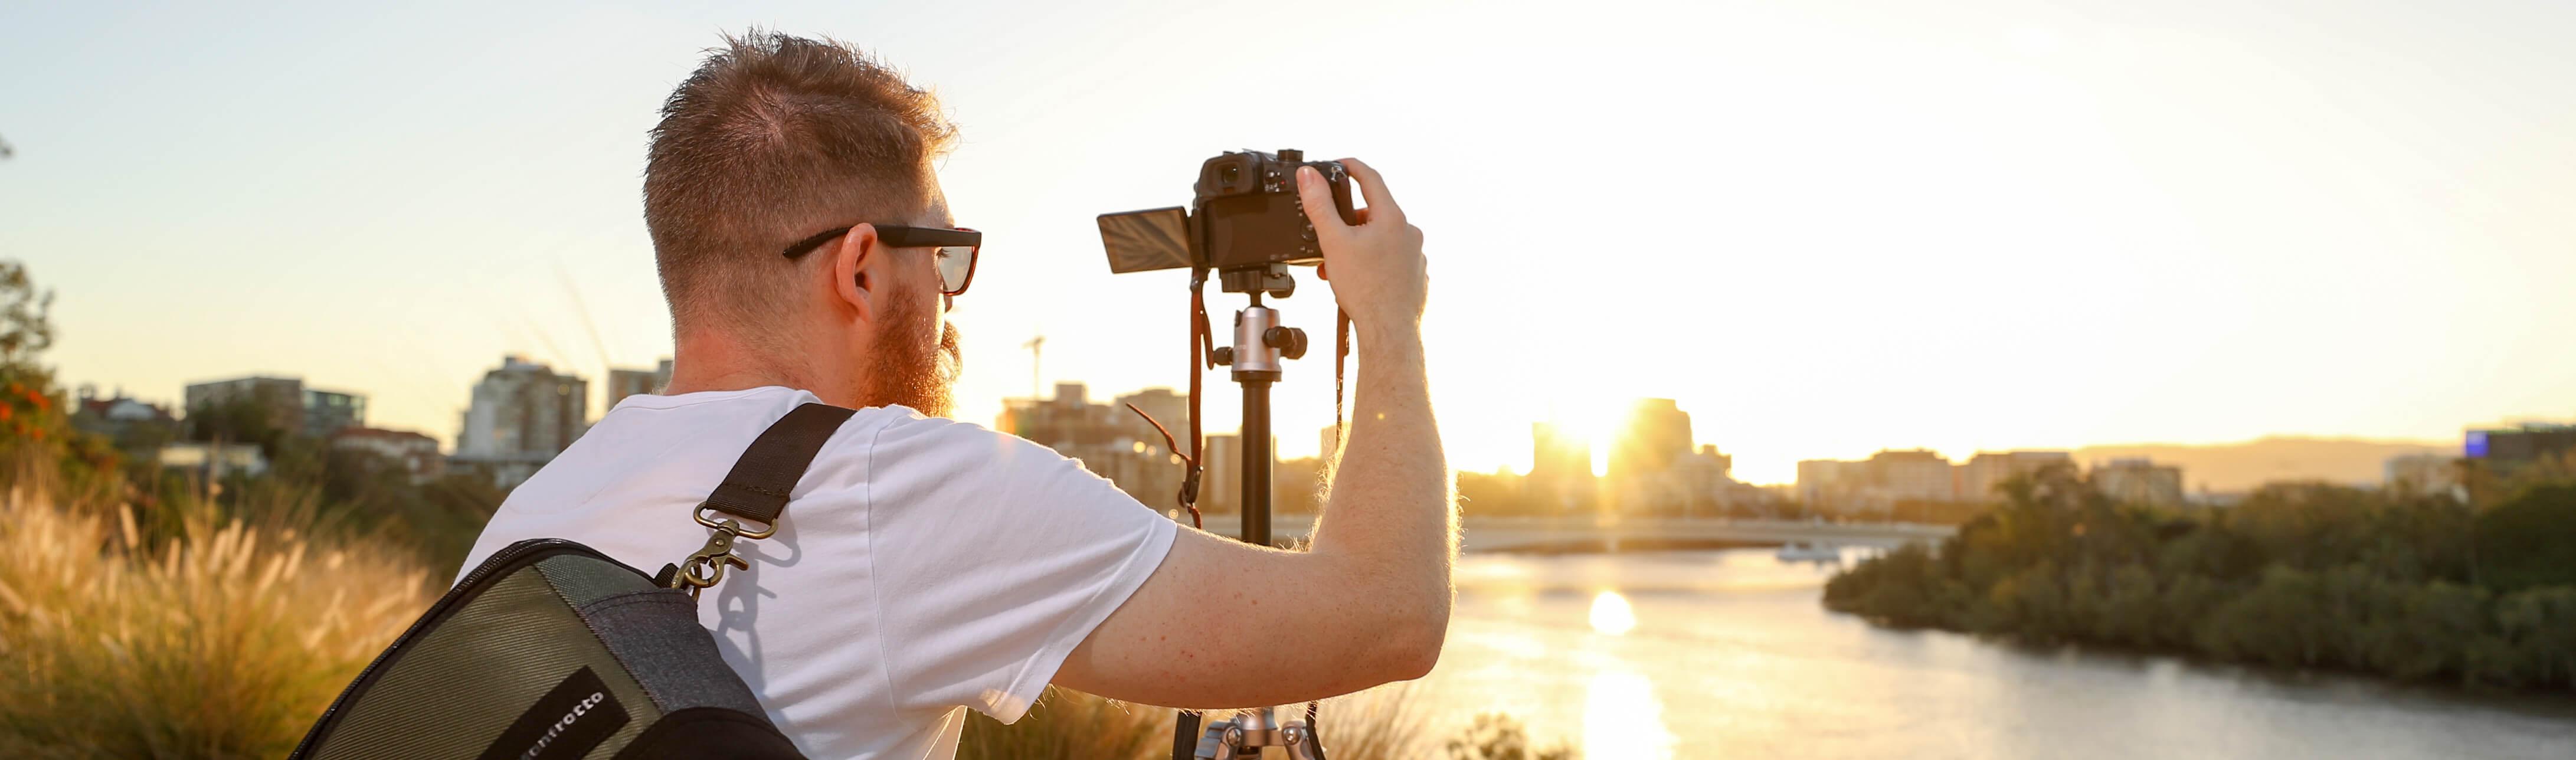 man using a mirrorless camera